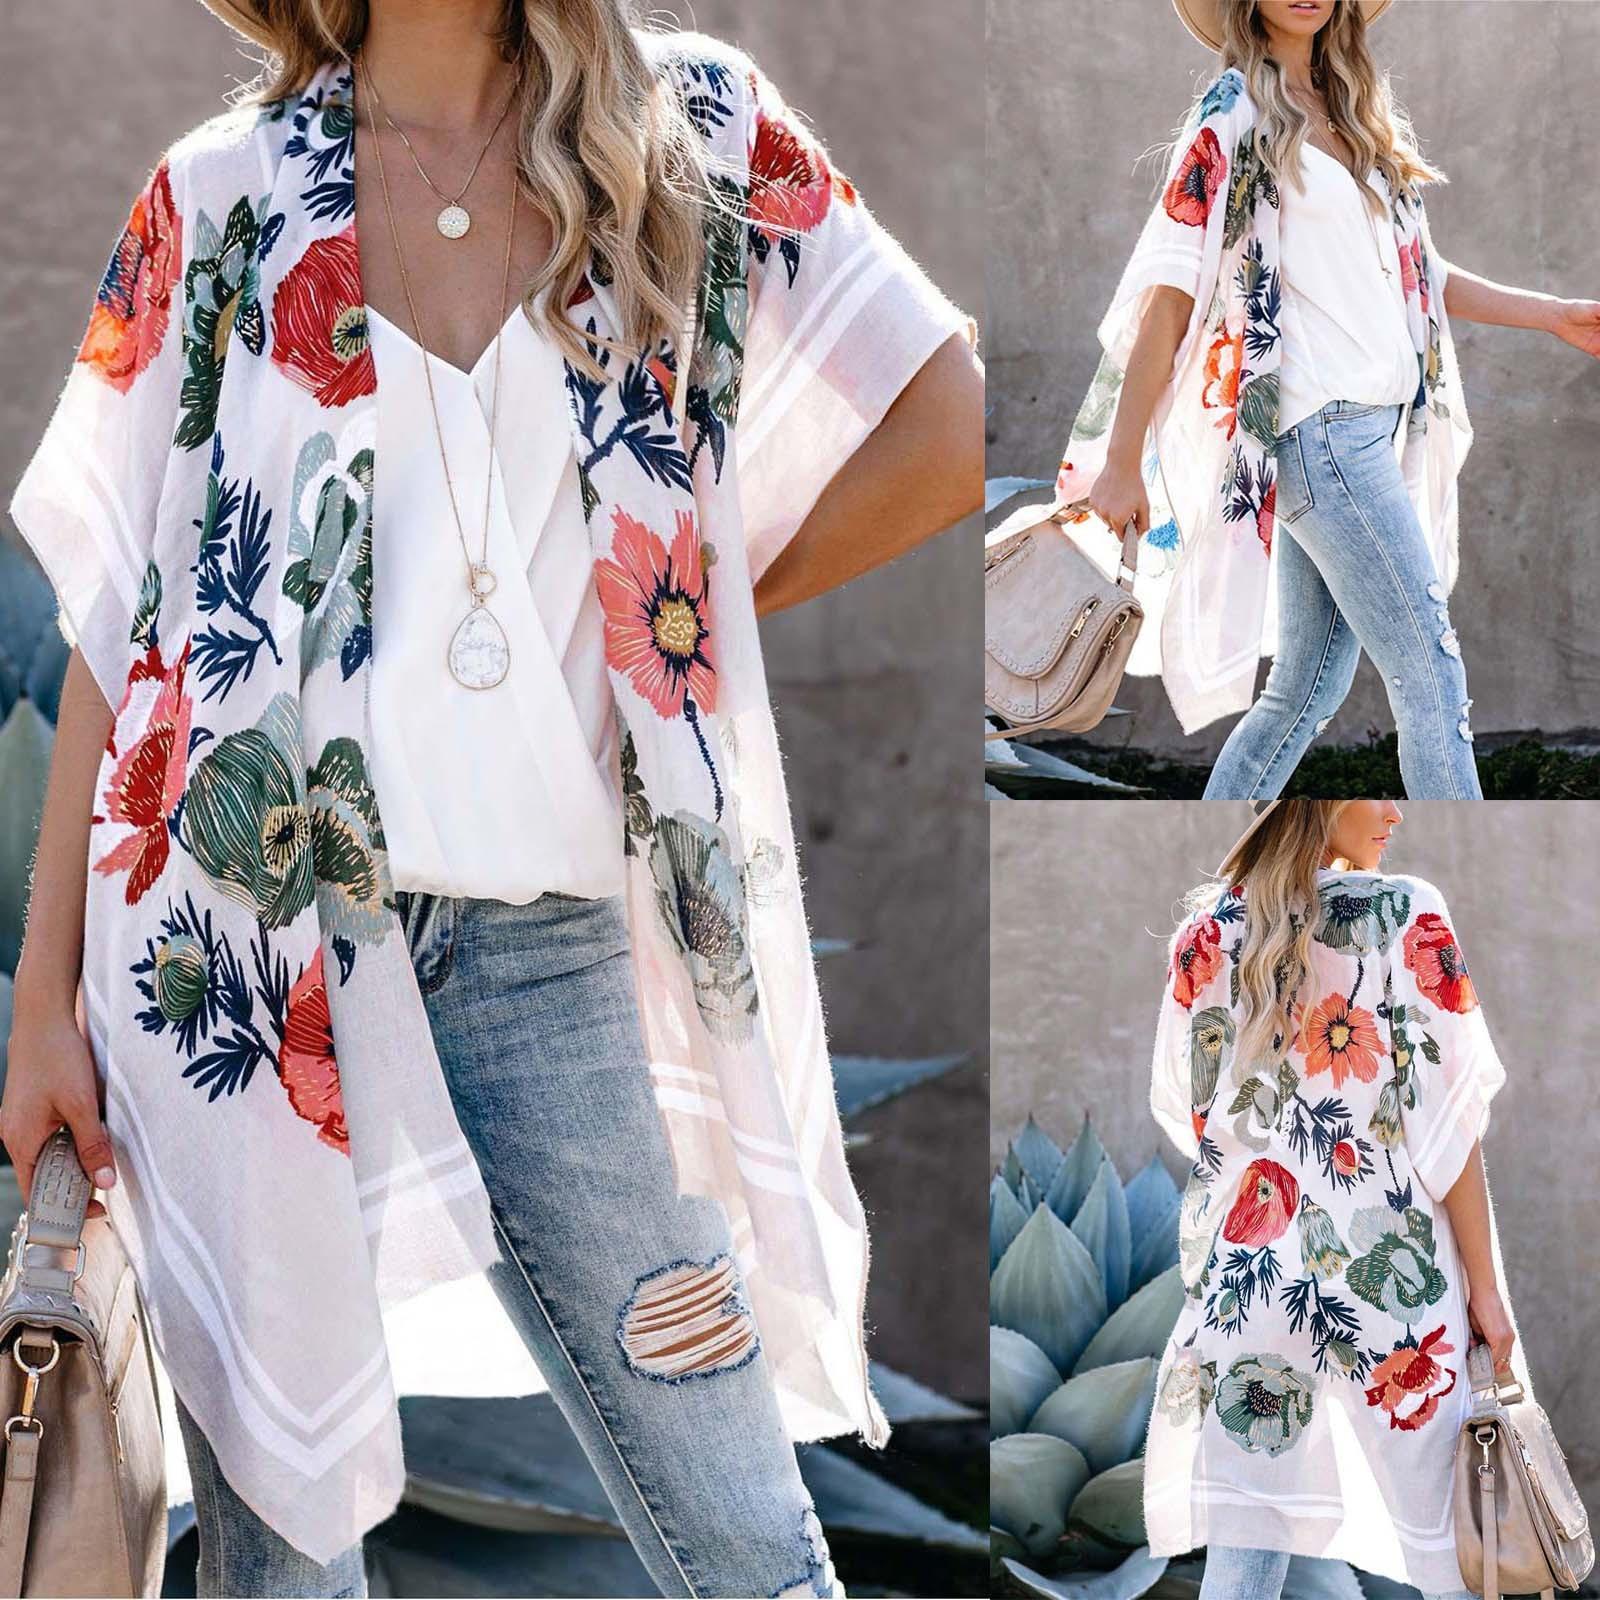 NEW#HOT!VTG SUN UP FLORAL PRINT CARDIGAN DRESS BLOUSE KIMONO TUNIC JACKET